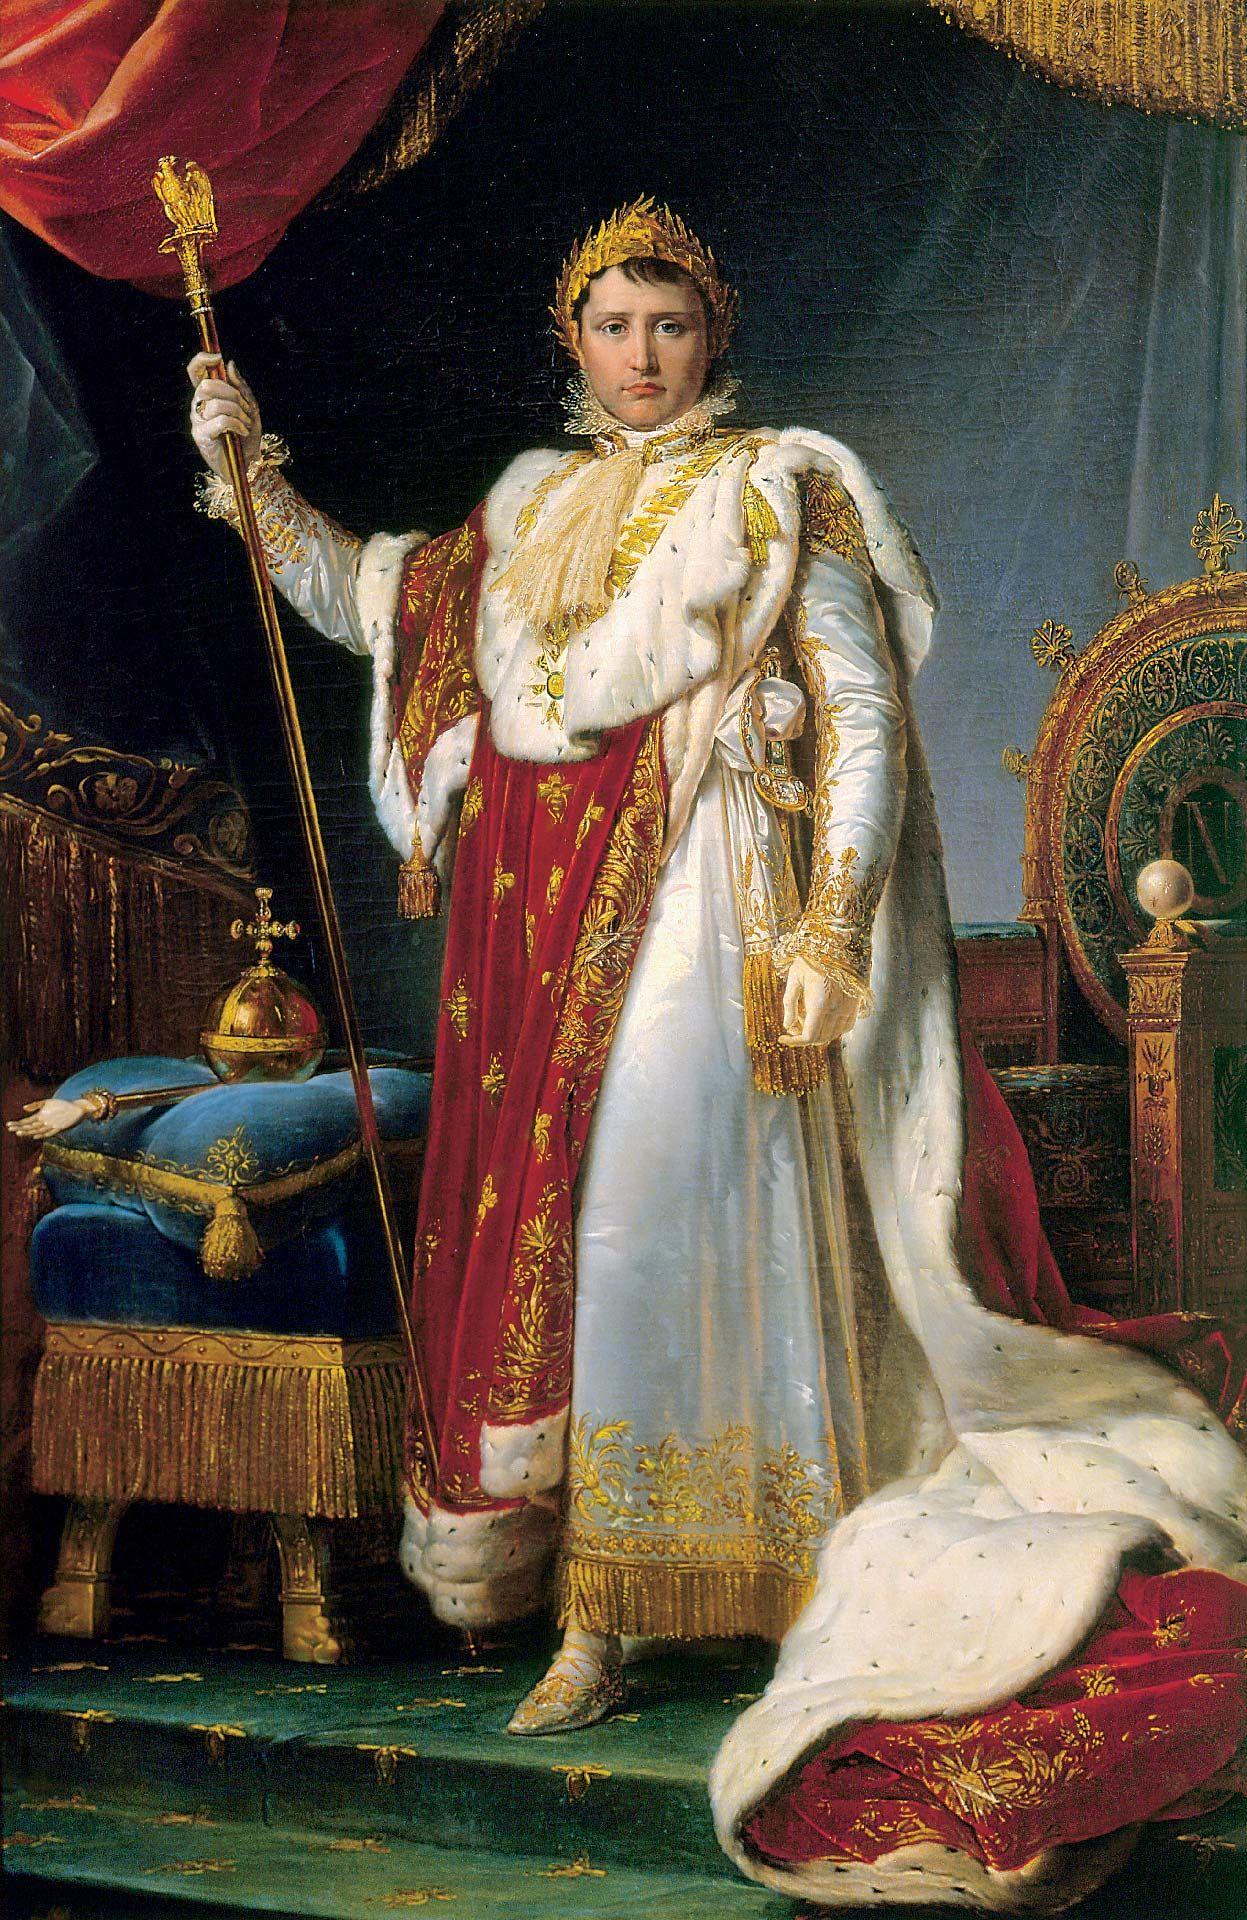 François-Pascal-Simon Gérard (1770-1837), Portrait de Napoléon en grand habillement, 1805, huile sur toile. Château de Fontainebleau, musée Napoléon Ier. Photo © RMN-Grand Palais / Art Resource, NY / Gérard Blot.